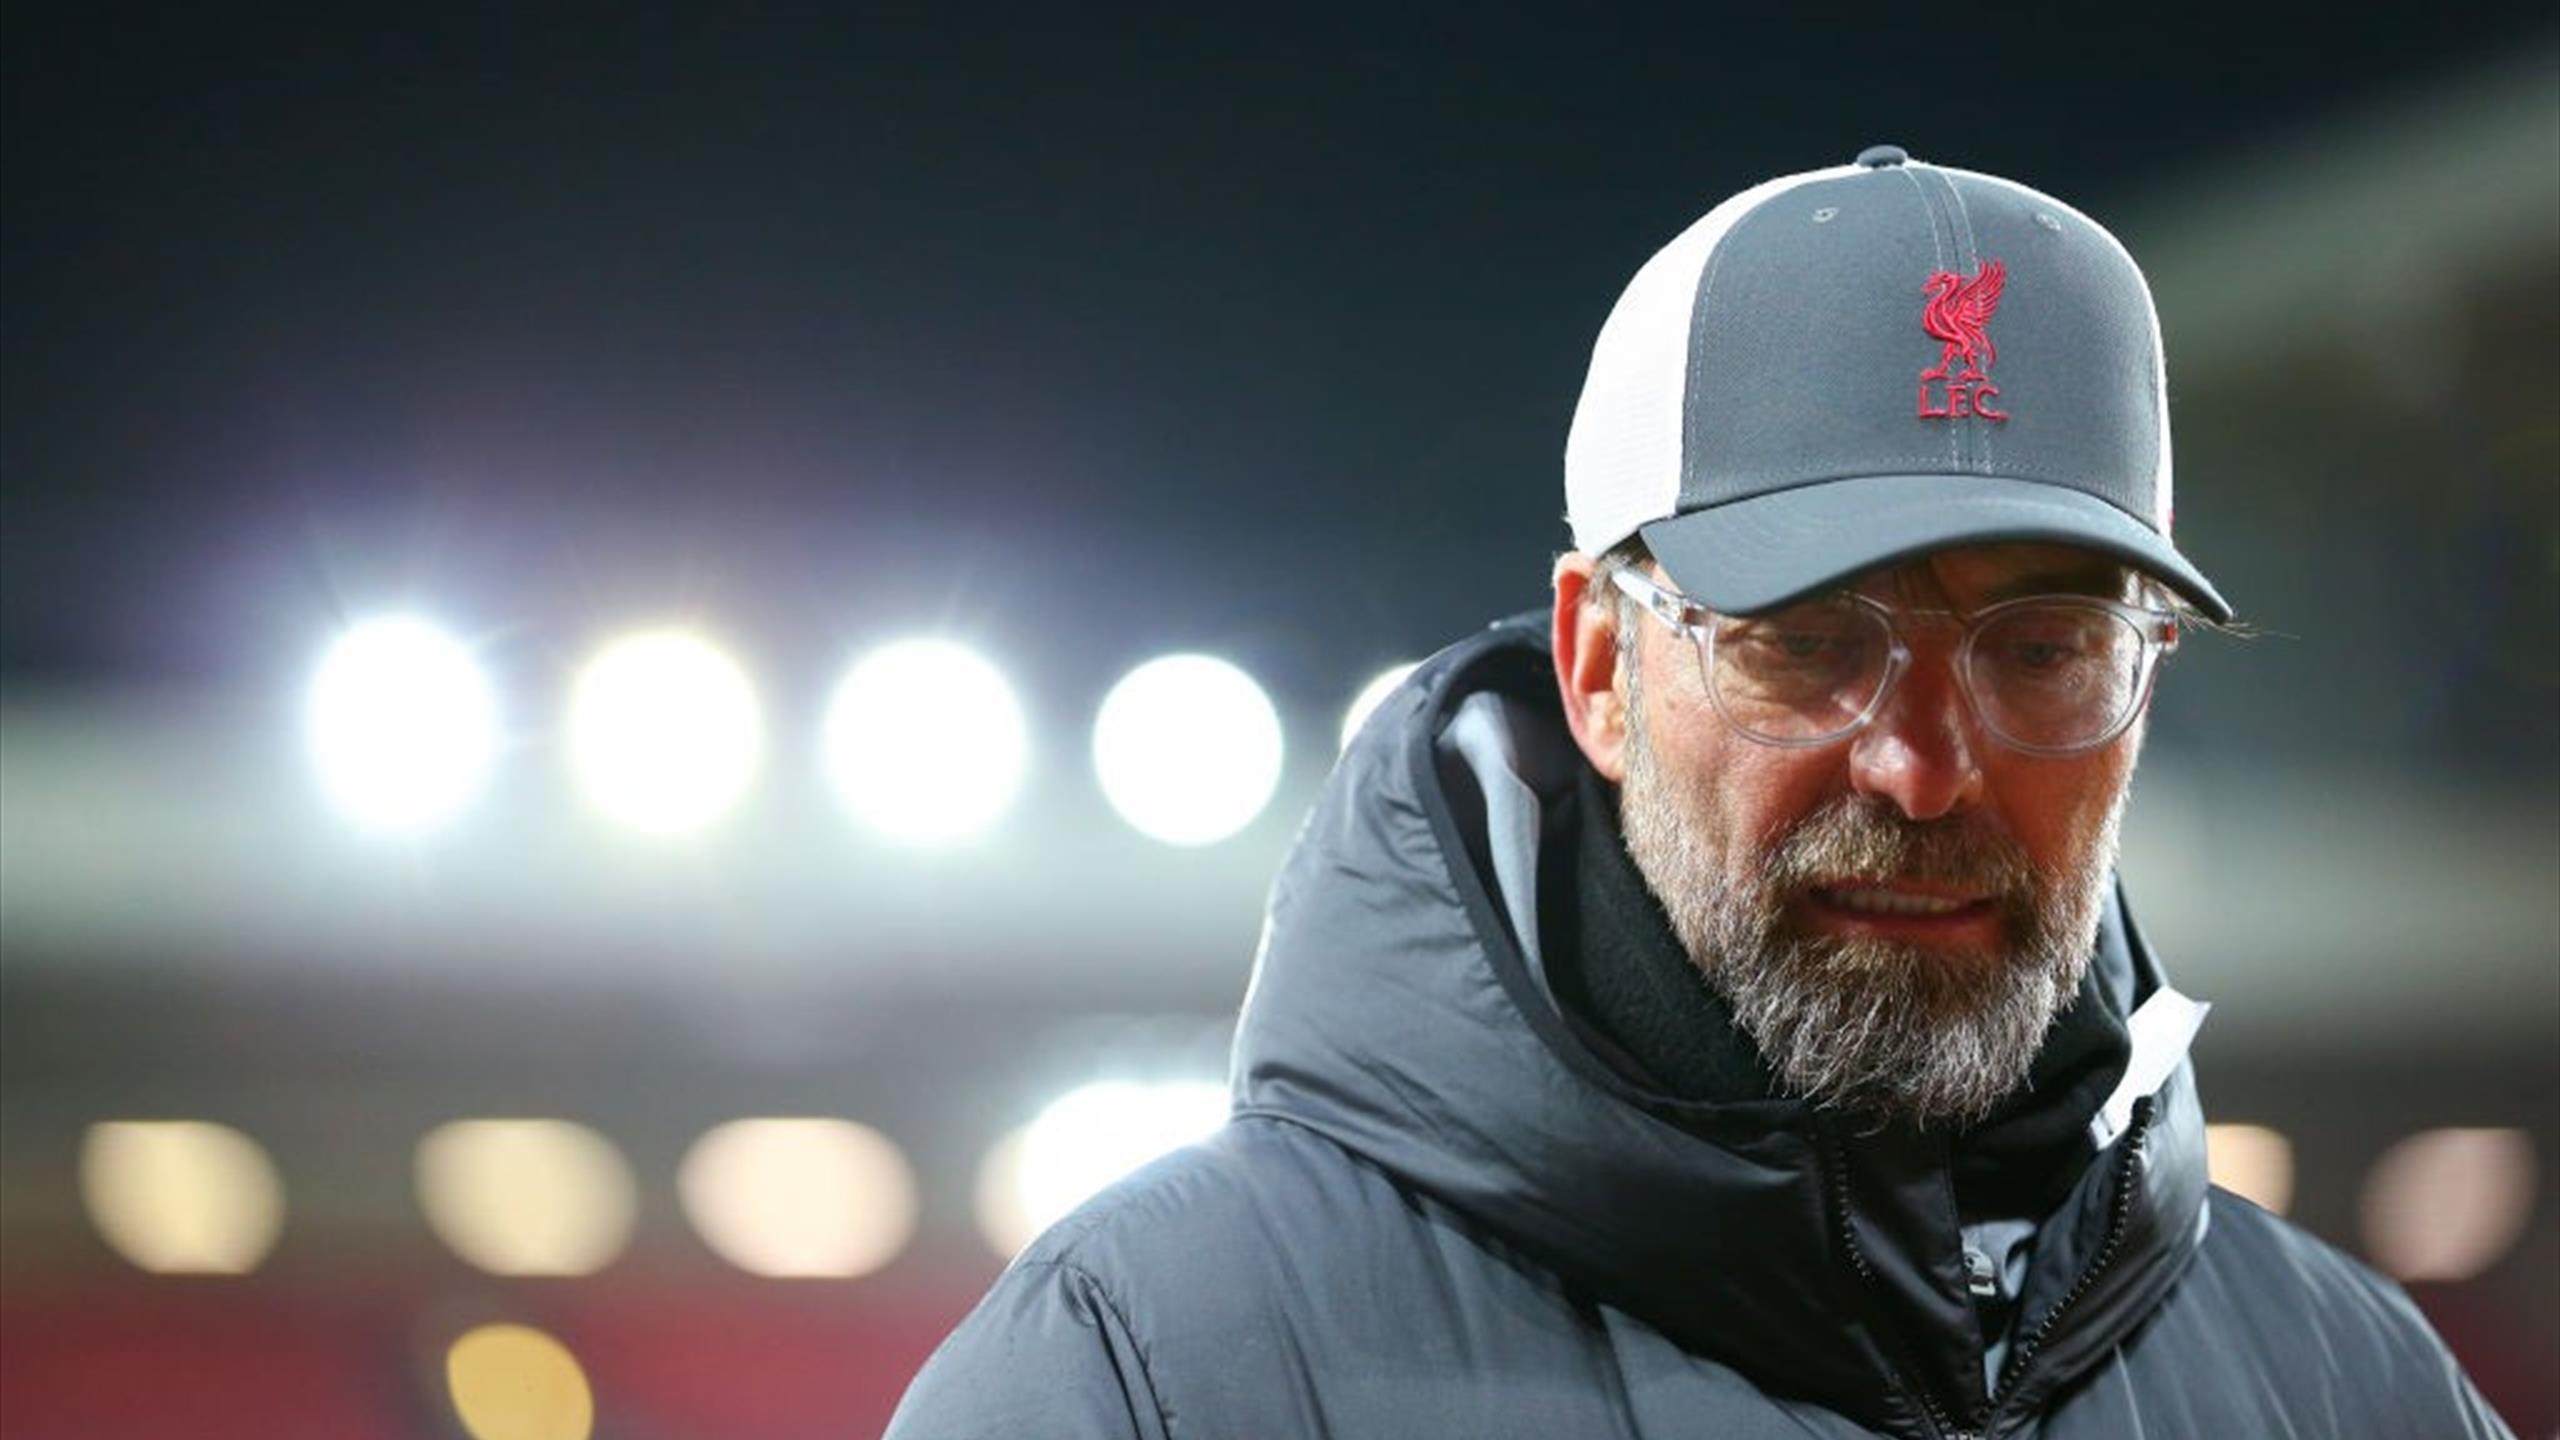 FC Liverpool in der Krise: Parallelen zur BVB-Zeit erkennbar - zieht Klopp den Schlussstrich? - Eurosport DE